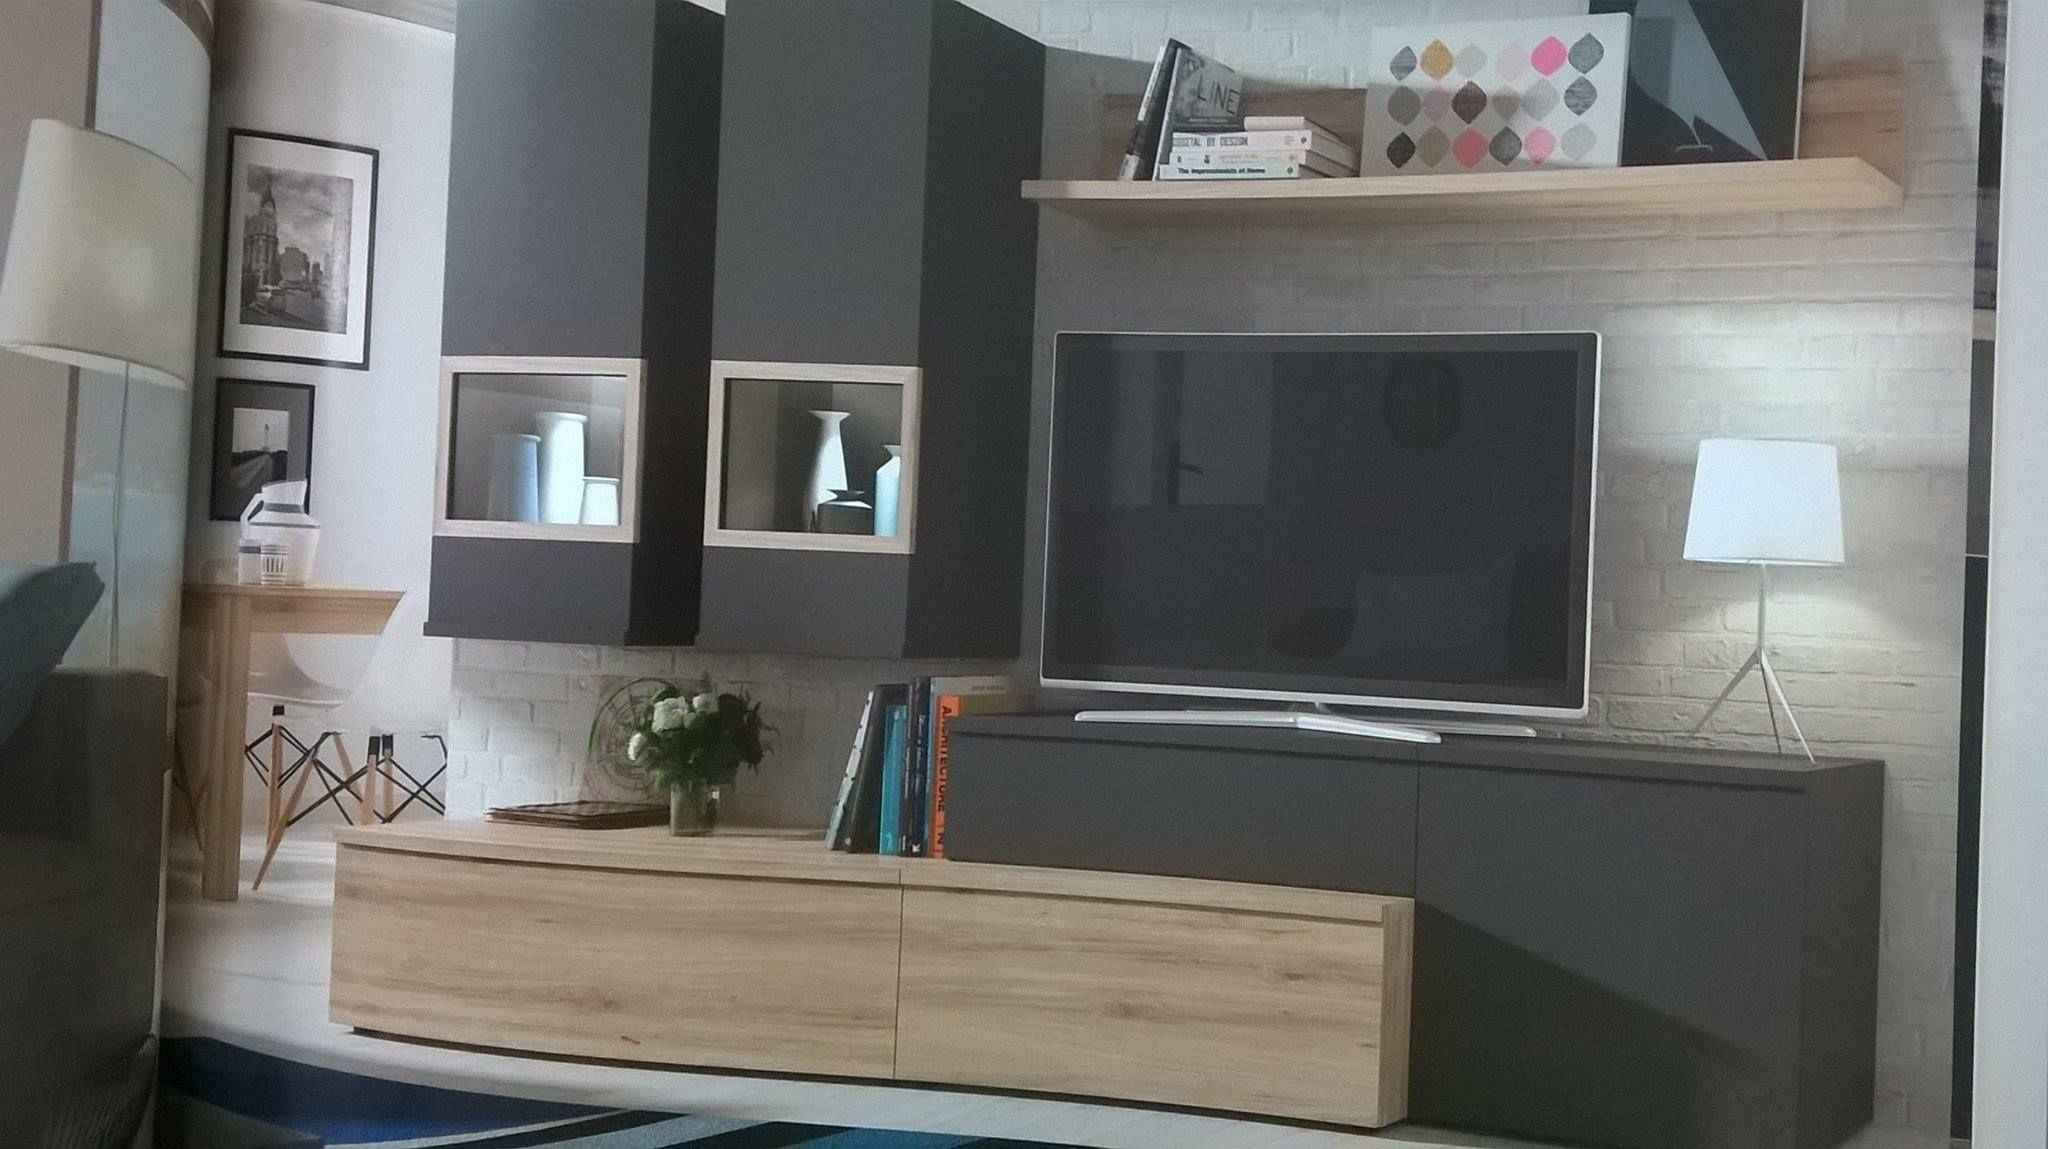 Tienda de muebles en Callosa de Segura, Alicante